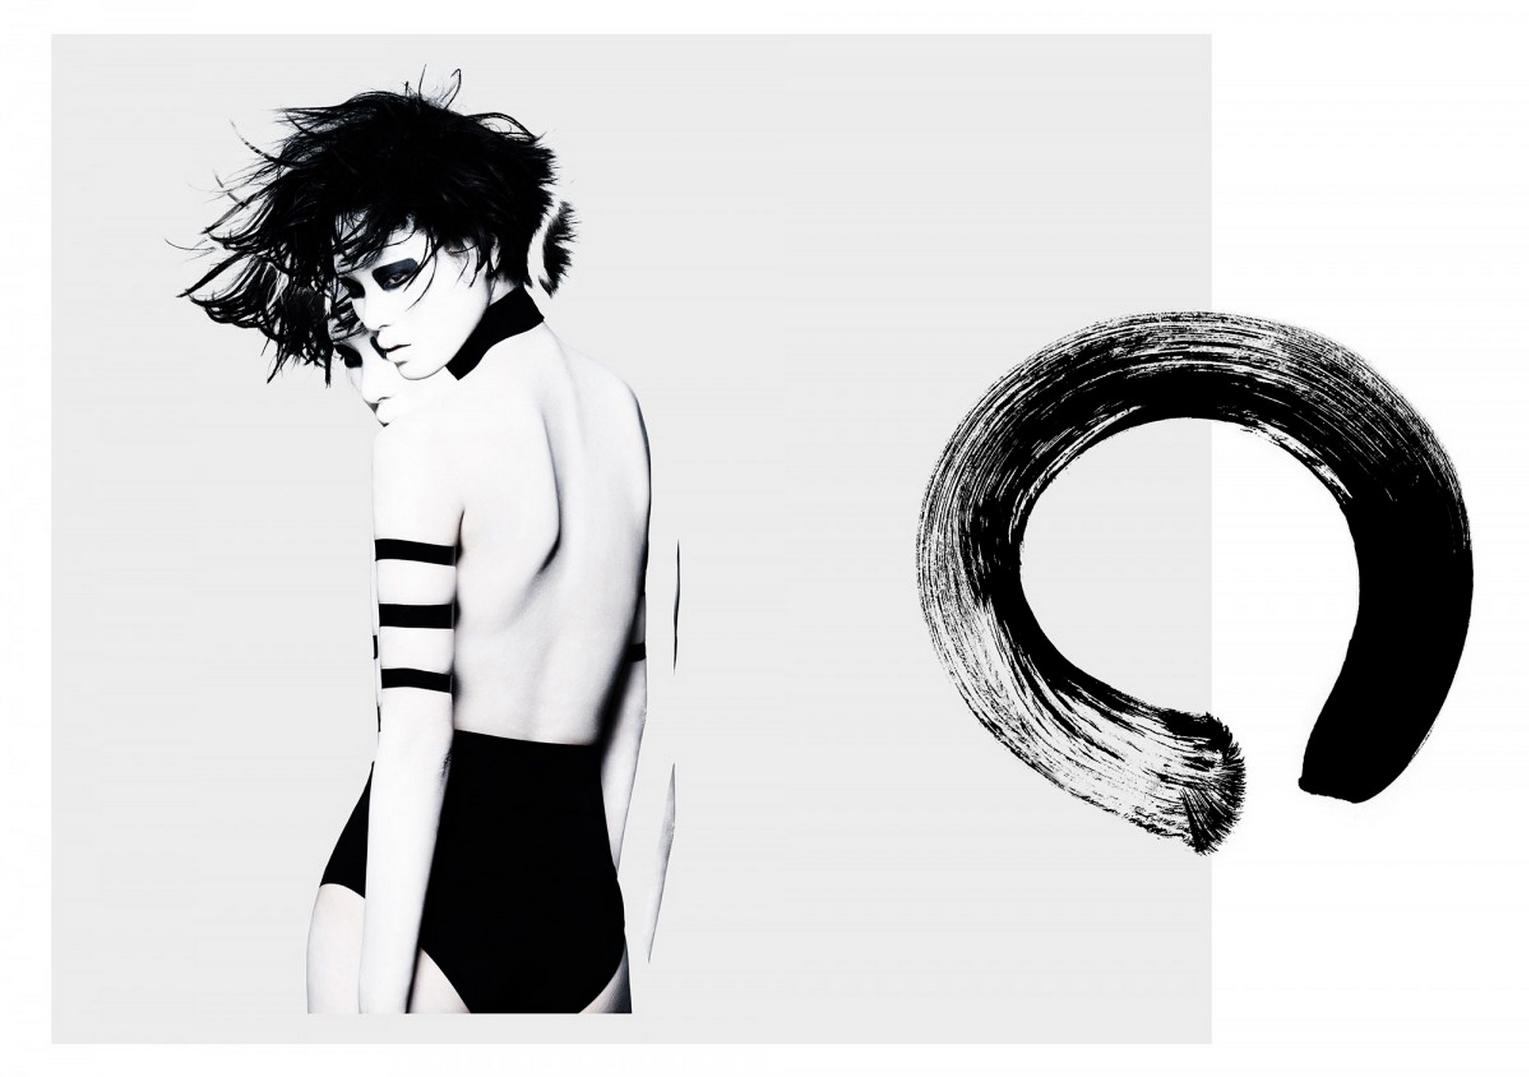 Weirdo mag. Magazine, photographers | Barnaby Roper